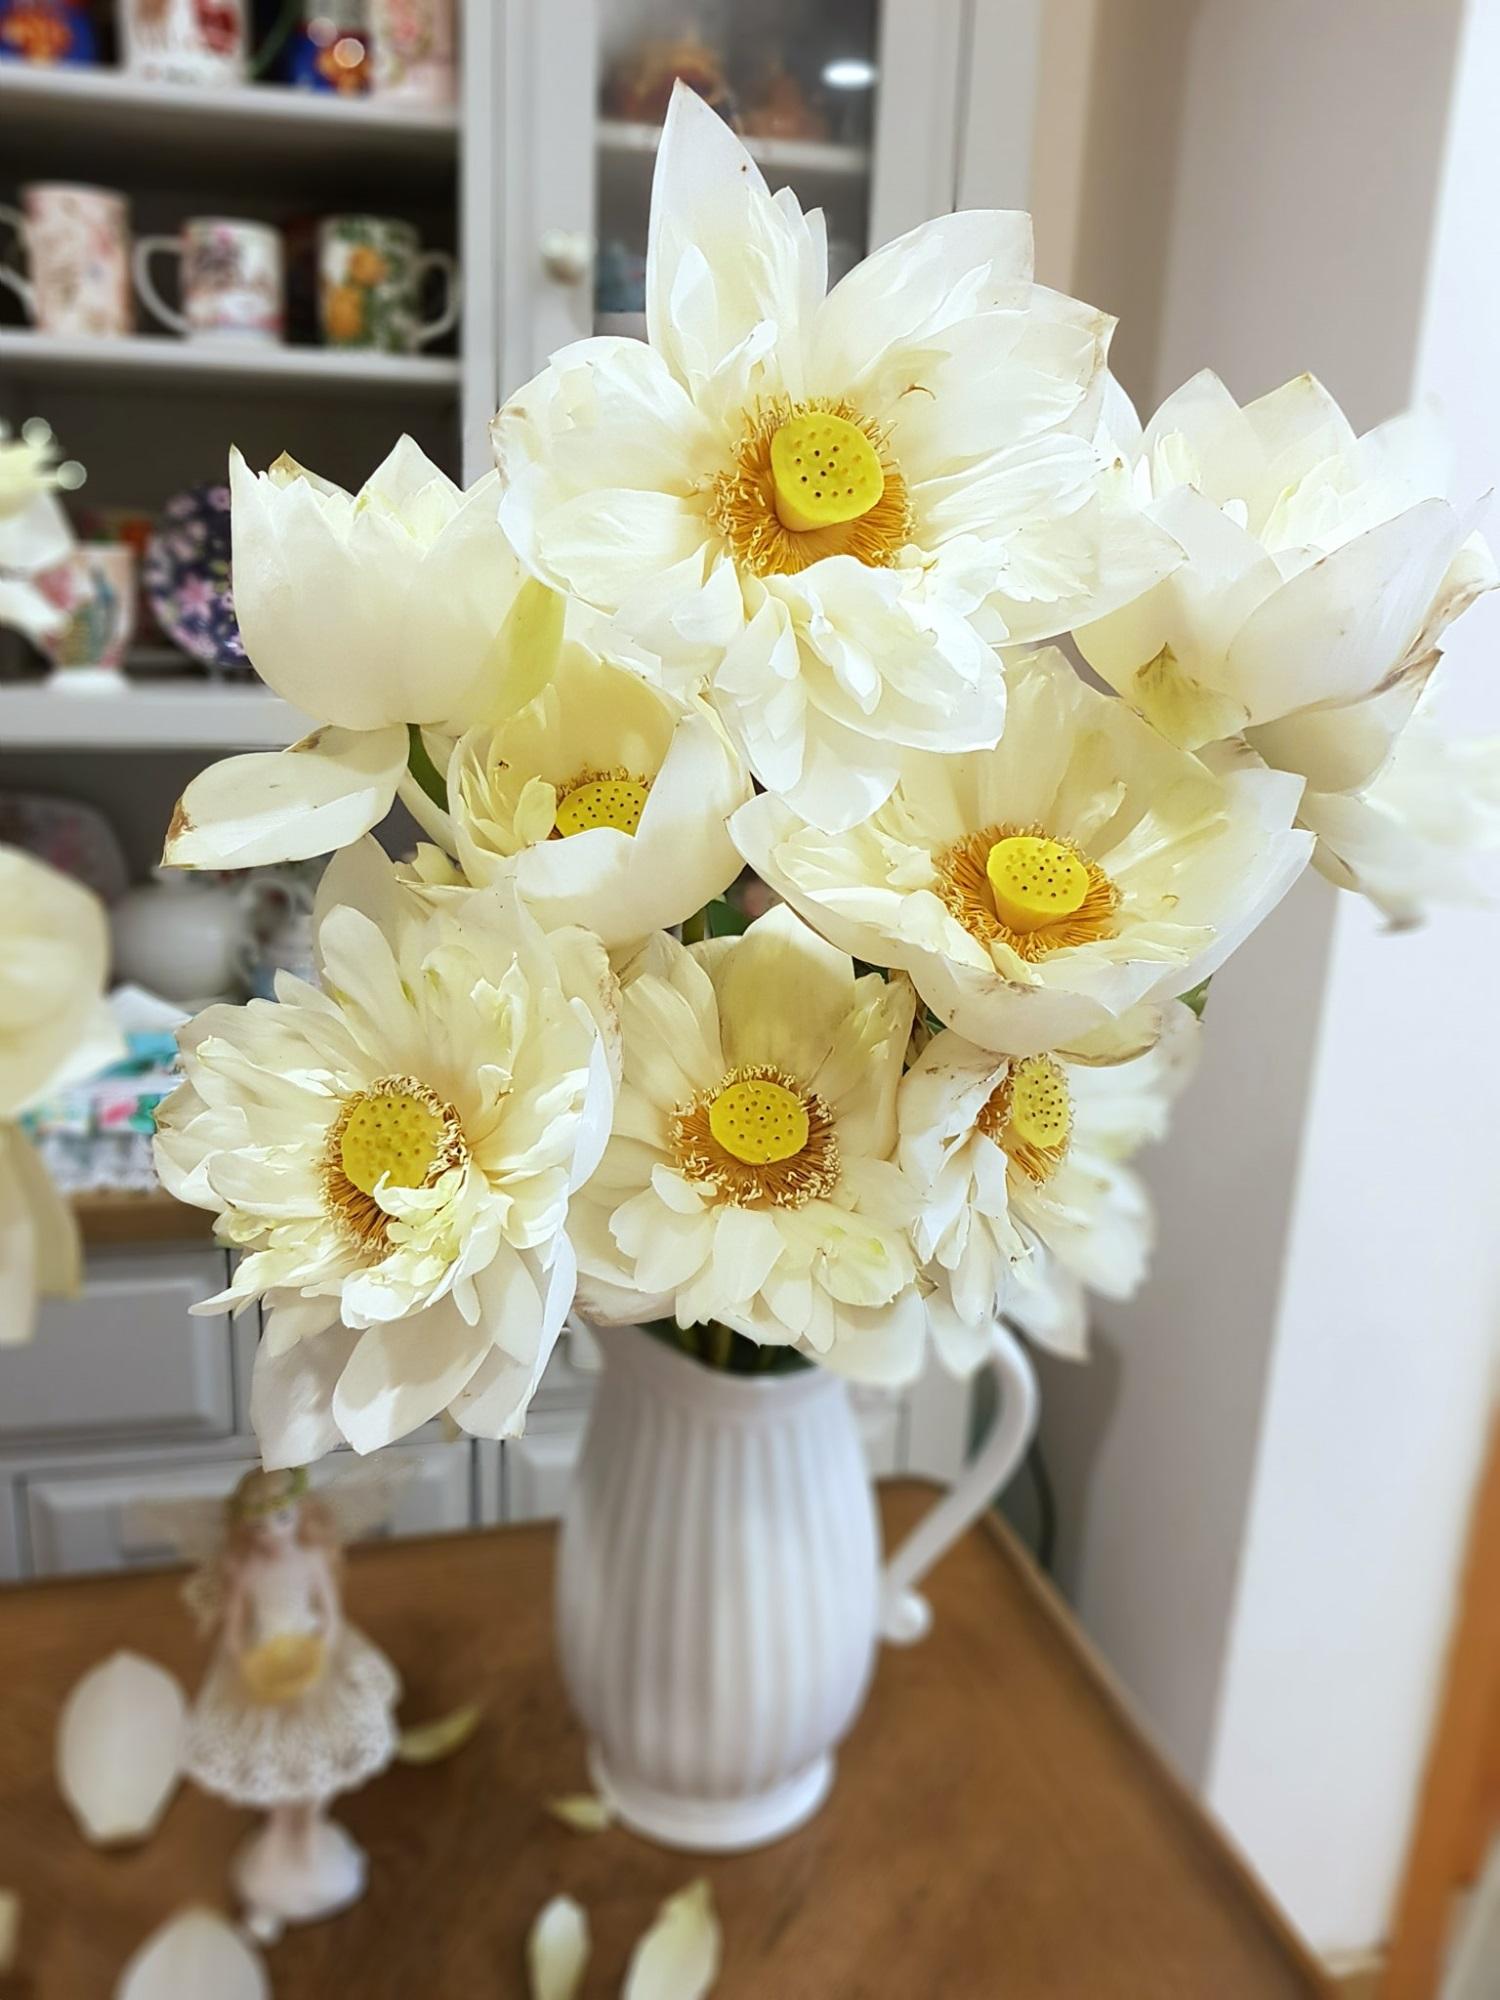 Cô gái Hà Nội tung bí kíp 'níu giữ' vẻ đẹp bạch liên hoa trọn vẹn trong 3 ngày, nhìn bình sen nở rộ mà u mê con mắt - Ảnh 7